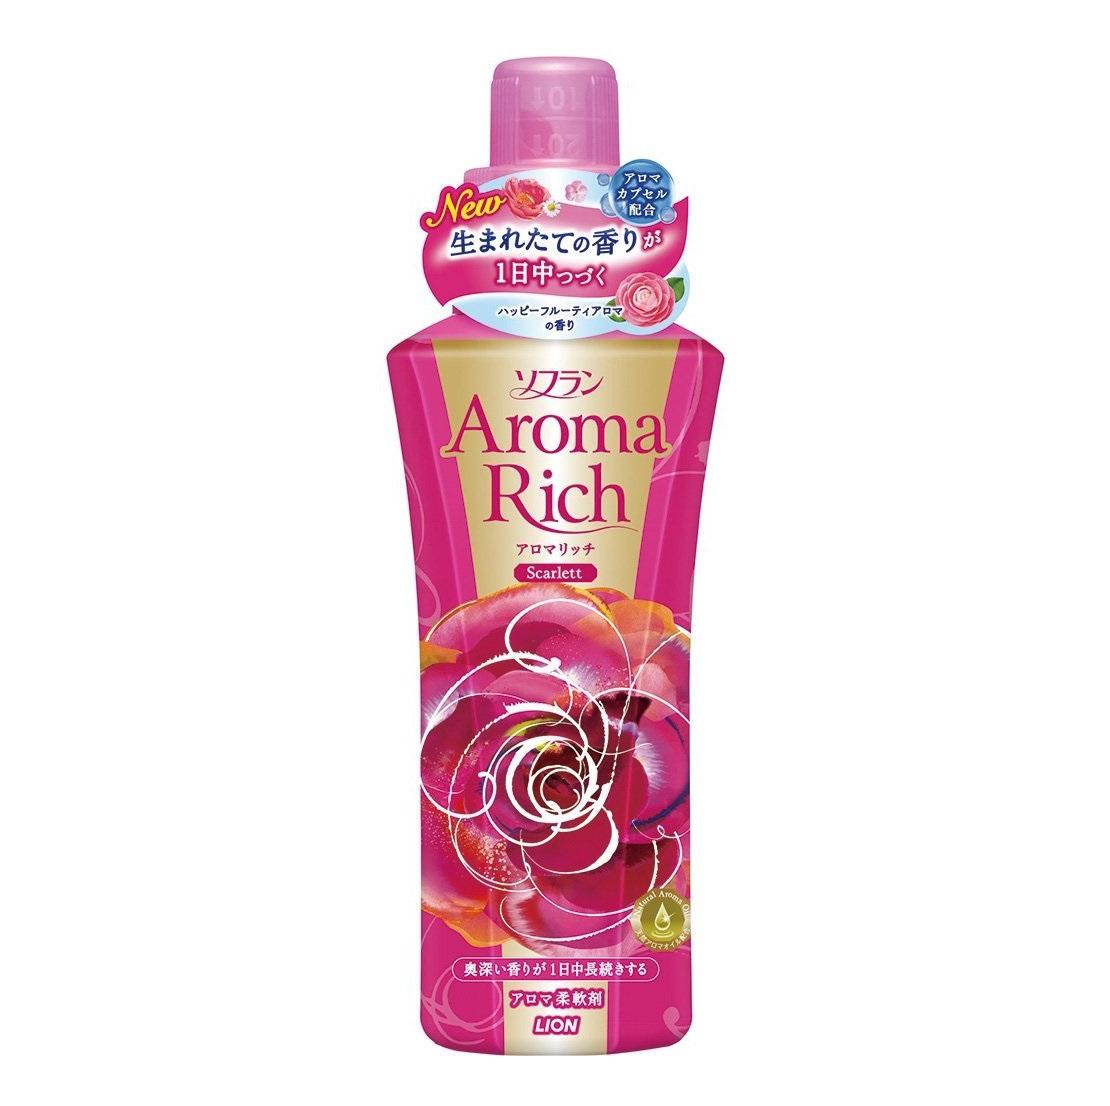 Ополаскиватель, Lion, Soflan Aroma Rich Scarlett, с натуральными ароматическими маслами, 600 мл